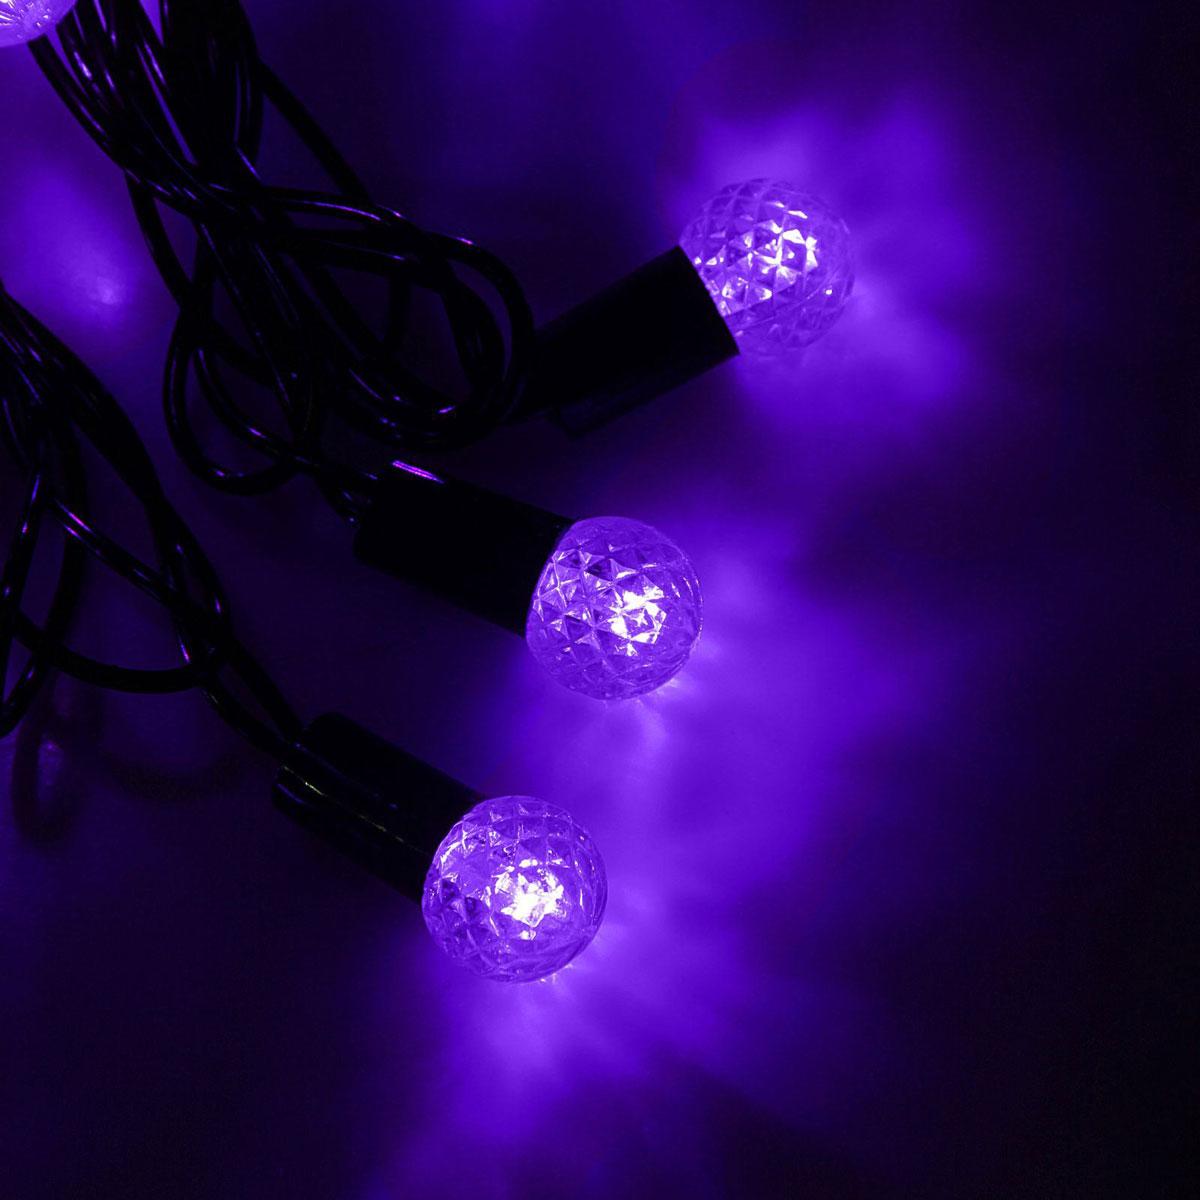 Гирлянда светодиодная Luazon Метраж. Фонарик, уличная с насадкой, 8 режимов, 40 ламп, 220 V, 5 м, цвет: фиолетовый. 10801131080113Светодиодные гирлянды, ленты и т.д. — это отличный вариант для новогоднего оформления интерьера или фасада. С их помощью помещение любого размера можно превратить в праздничный зал, а внешние элементы зданий, украшенные ими, мгновенно станут напоминать очертания сказочного дворца. Такие украшения создают ауру предвкушения чуда. Деревья, фасады, витрины, окна и арки будто специально созданы, чтобы вы украсили их светящимися нитями.